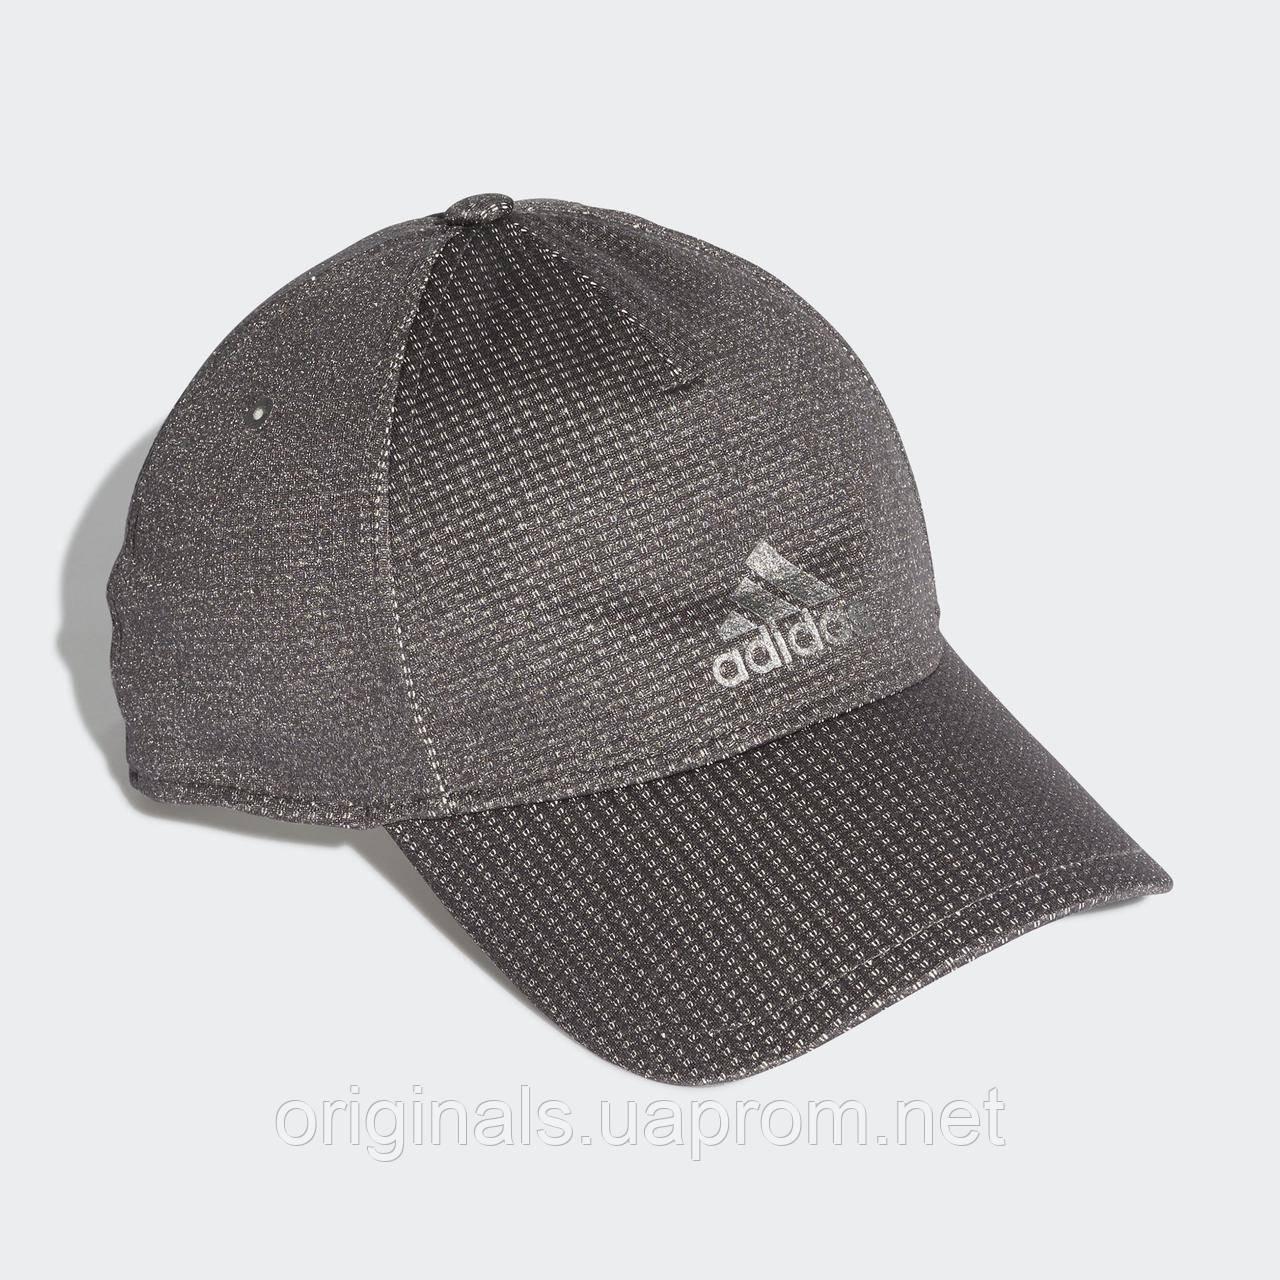 Кепка Adidas C40 Climachill DU3266